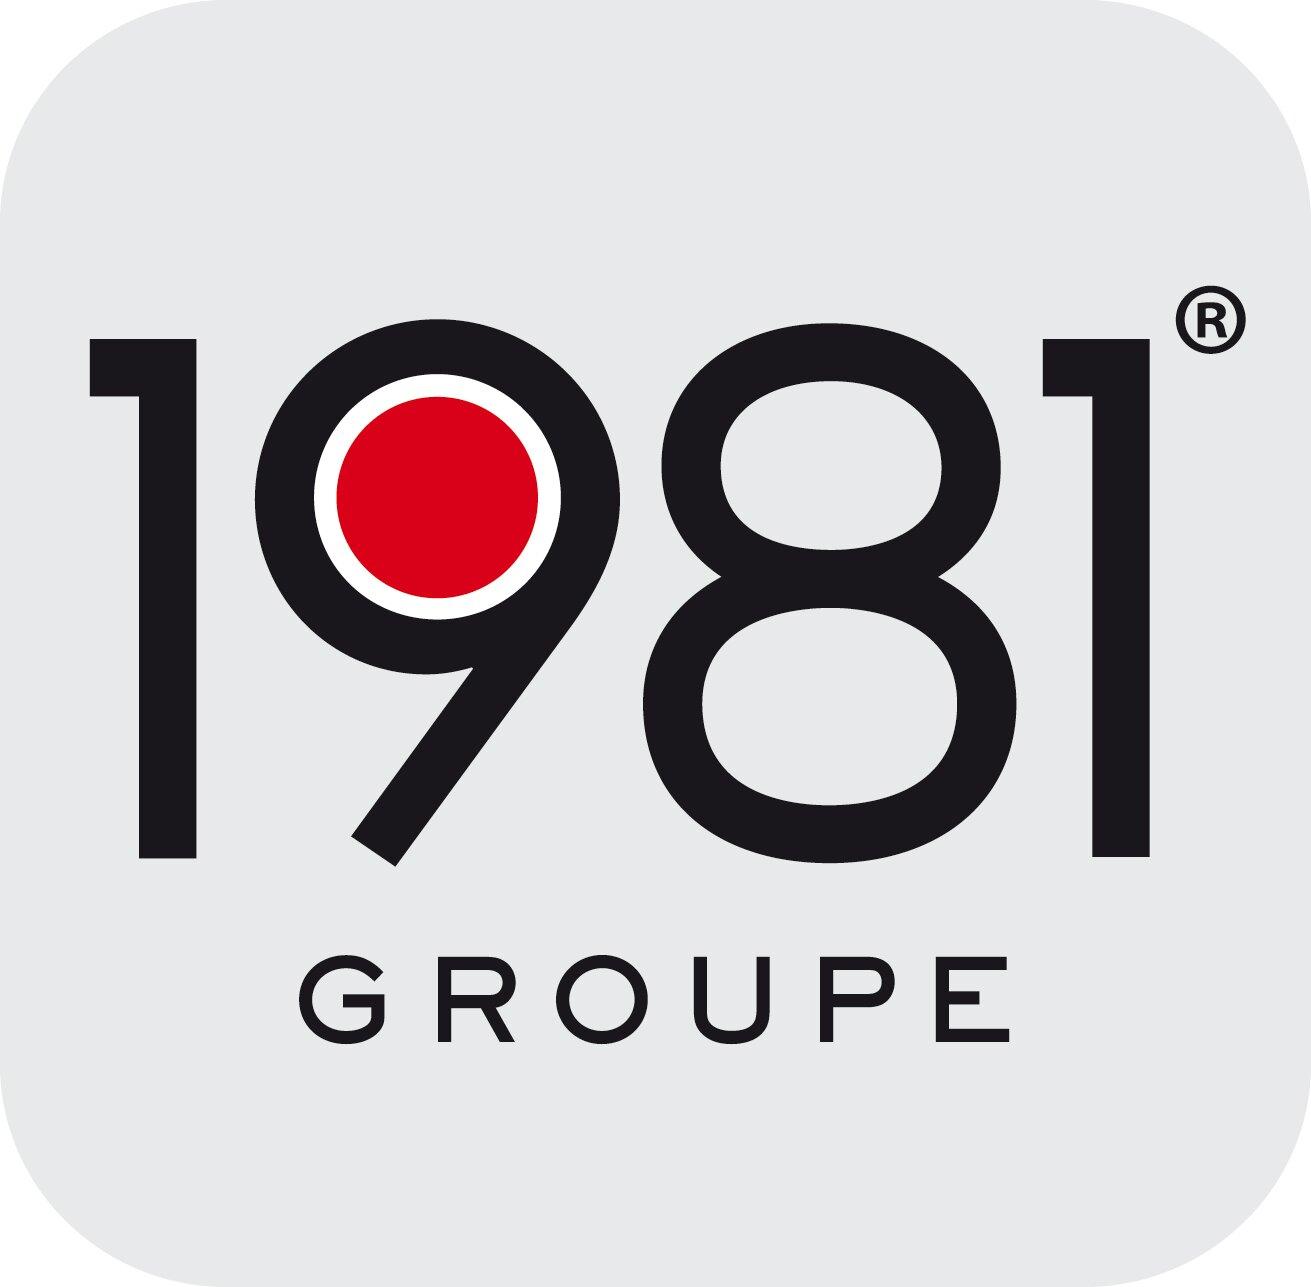 1981 : 713 000 auditeurs quotidiens en Ile-de-France